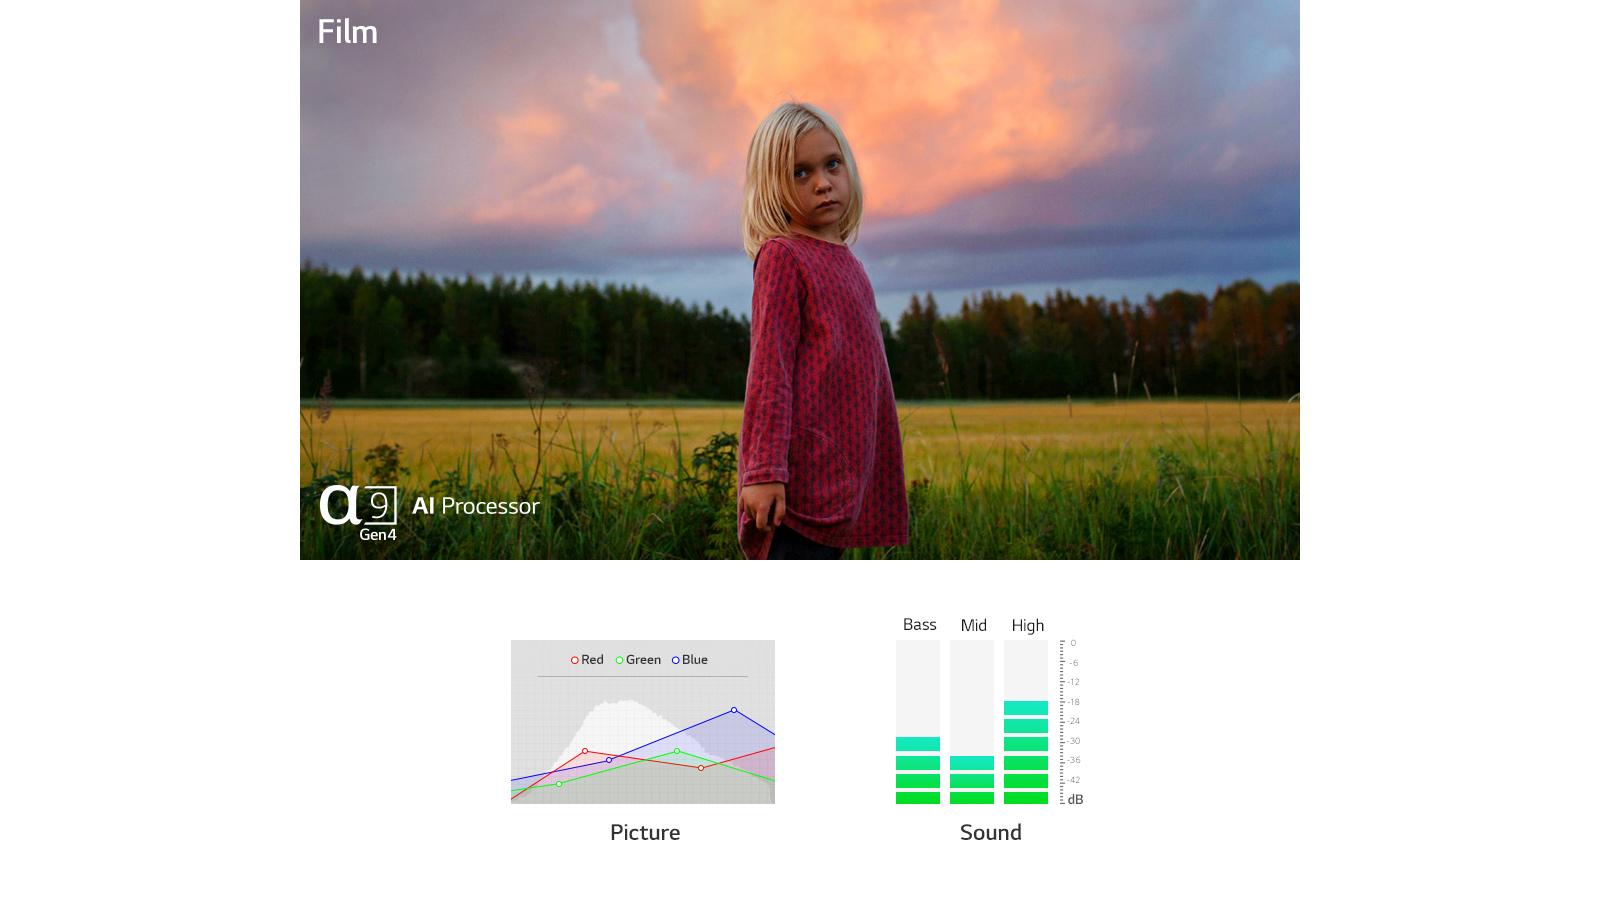 Dvije scene automatski optimizirane u slici i zvuku pomoću 4K procesora α9 Gen4 AI (reproduciraj videozapis)